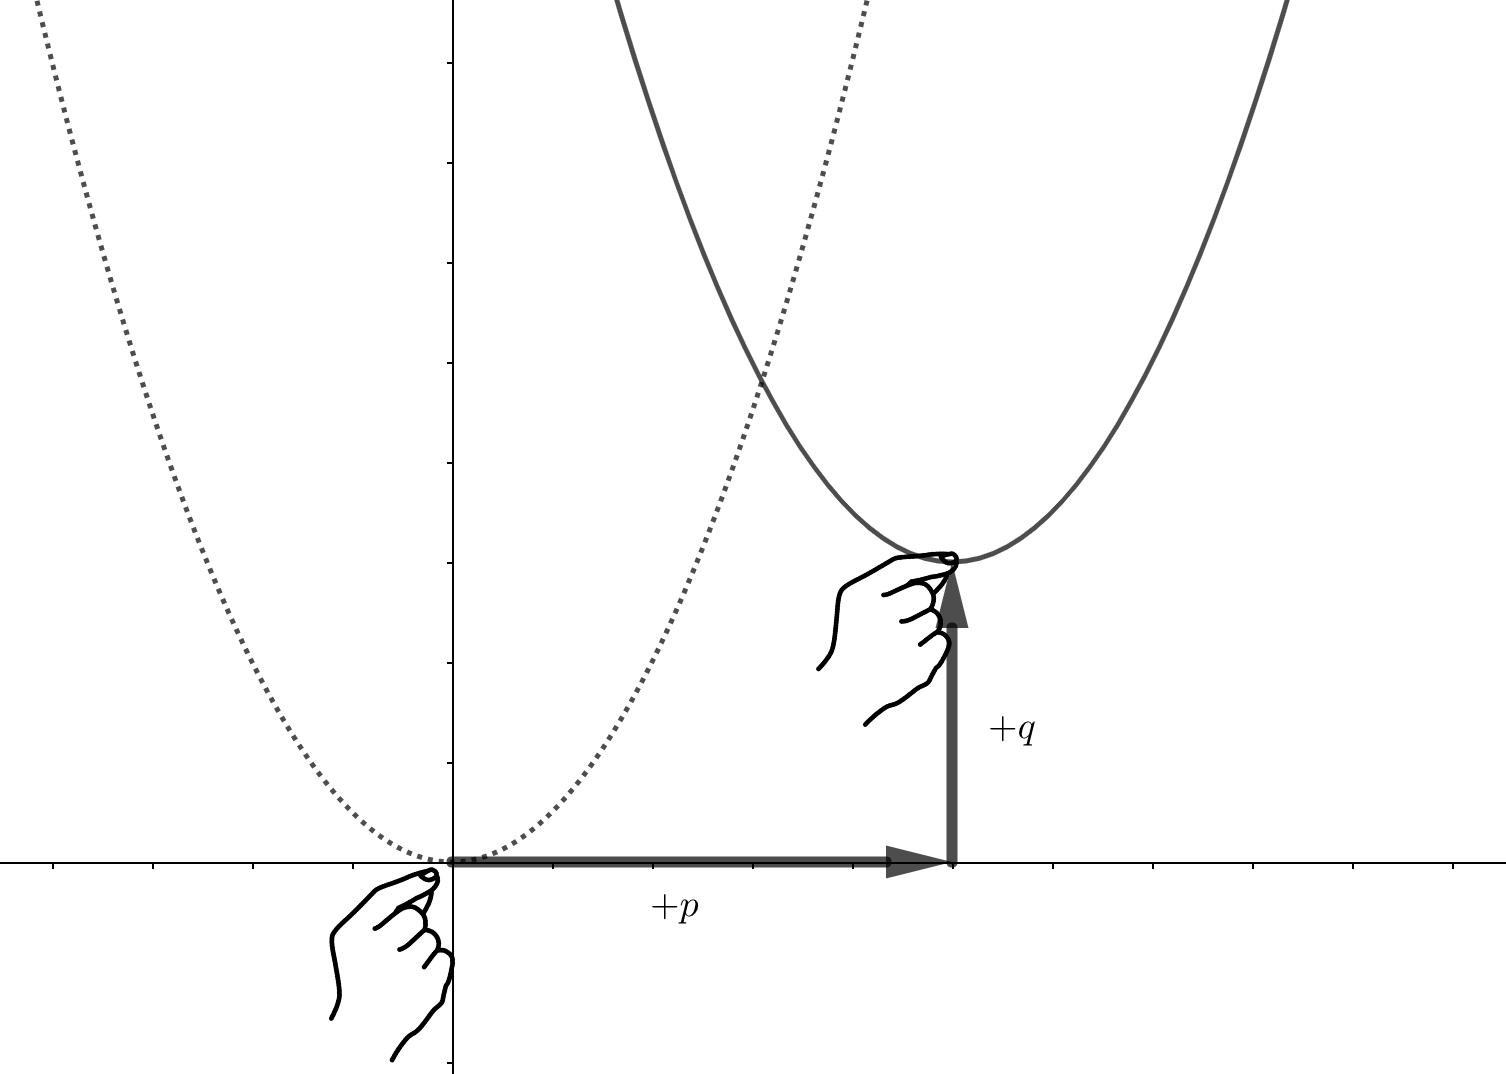 二次関数の平行移動